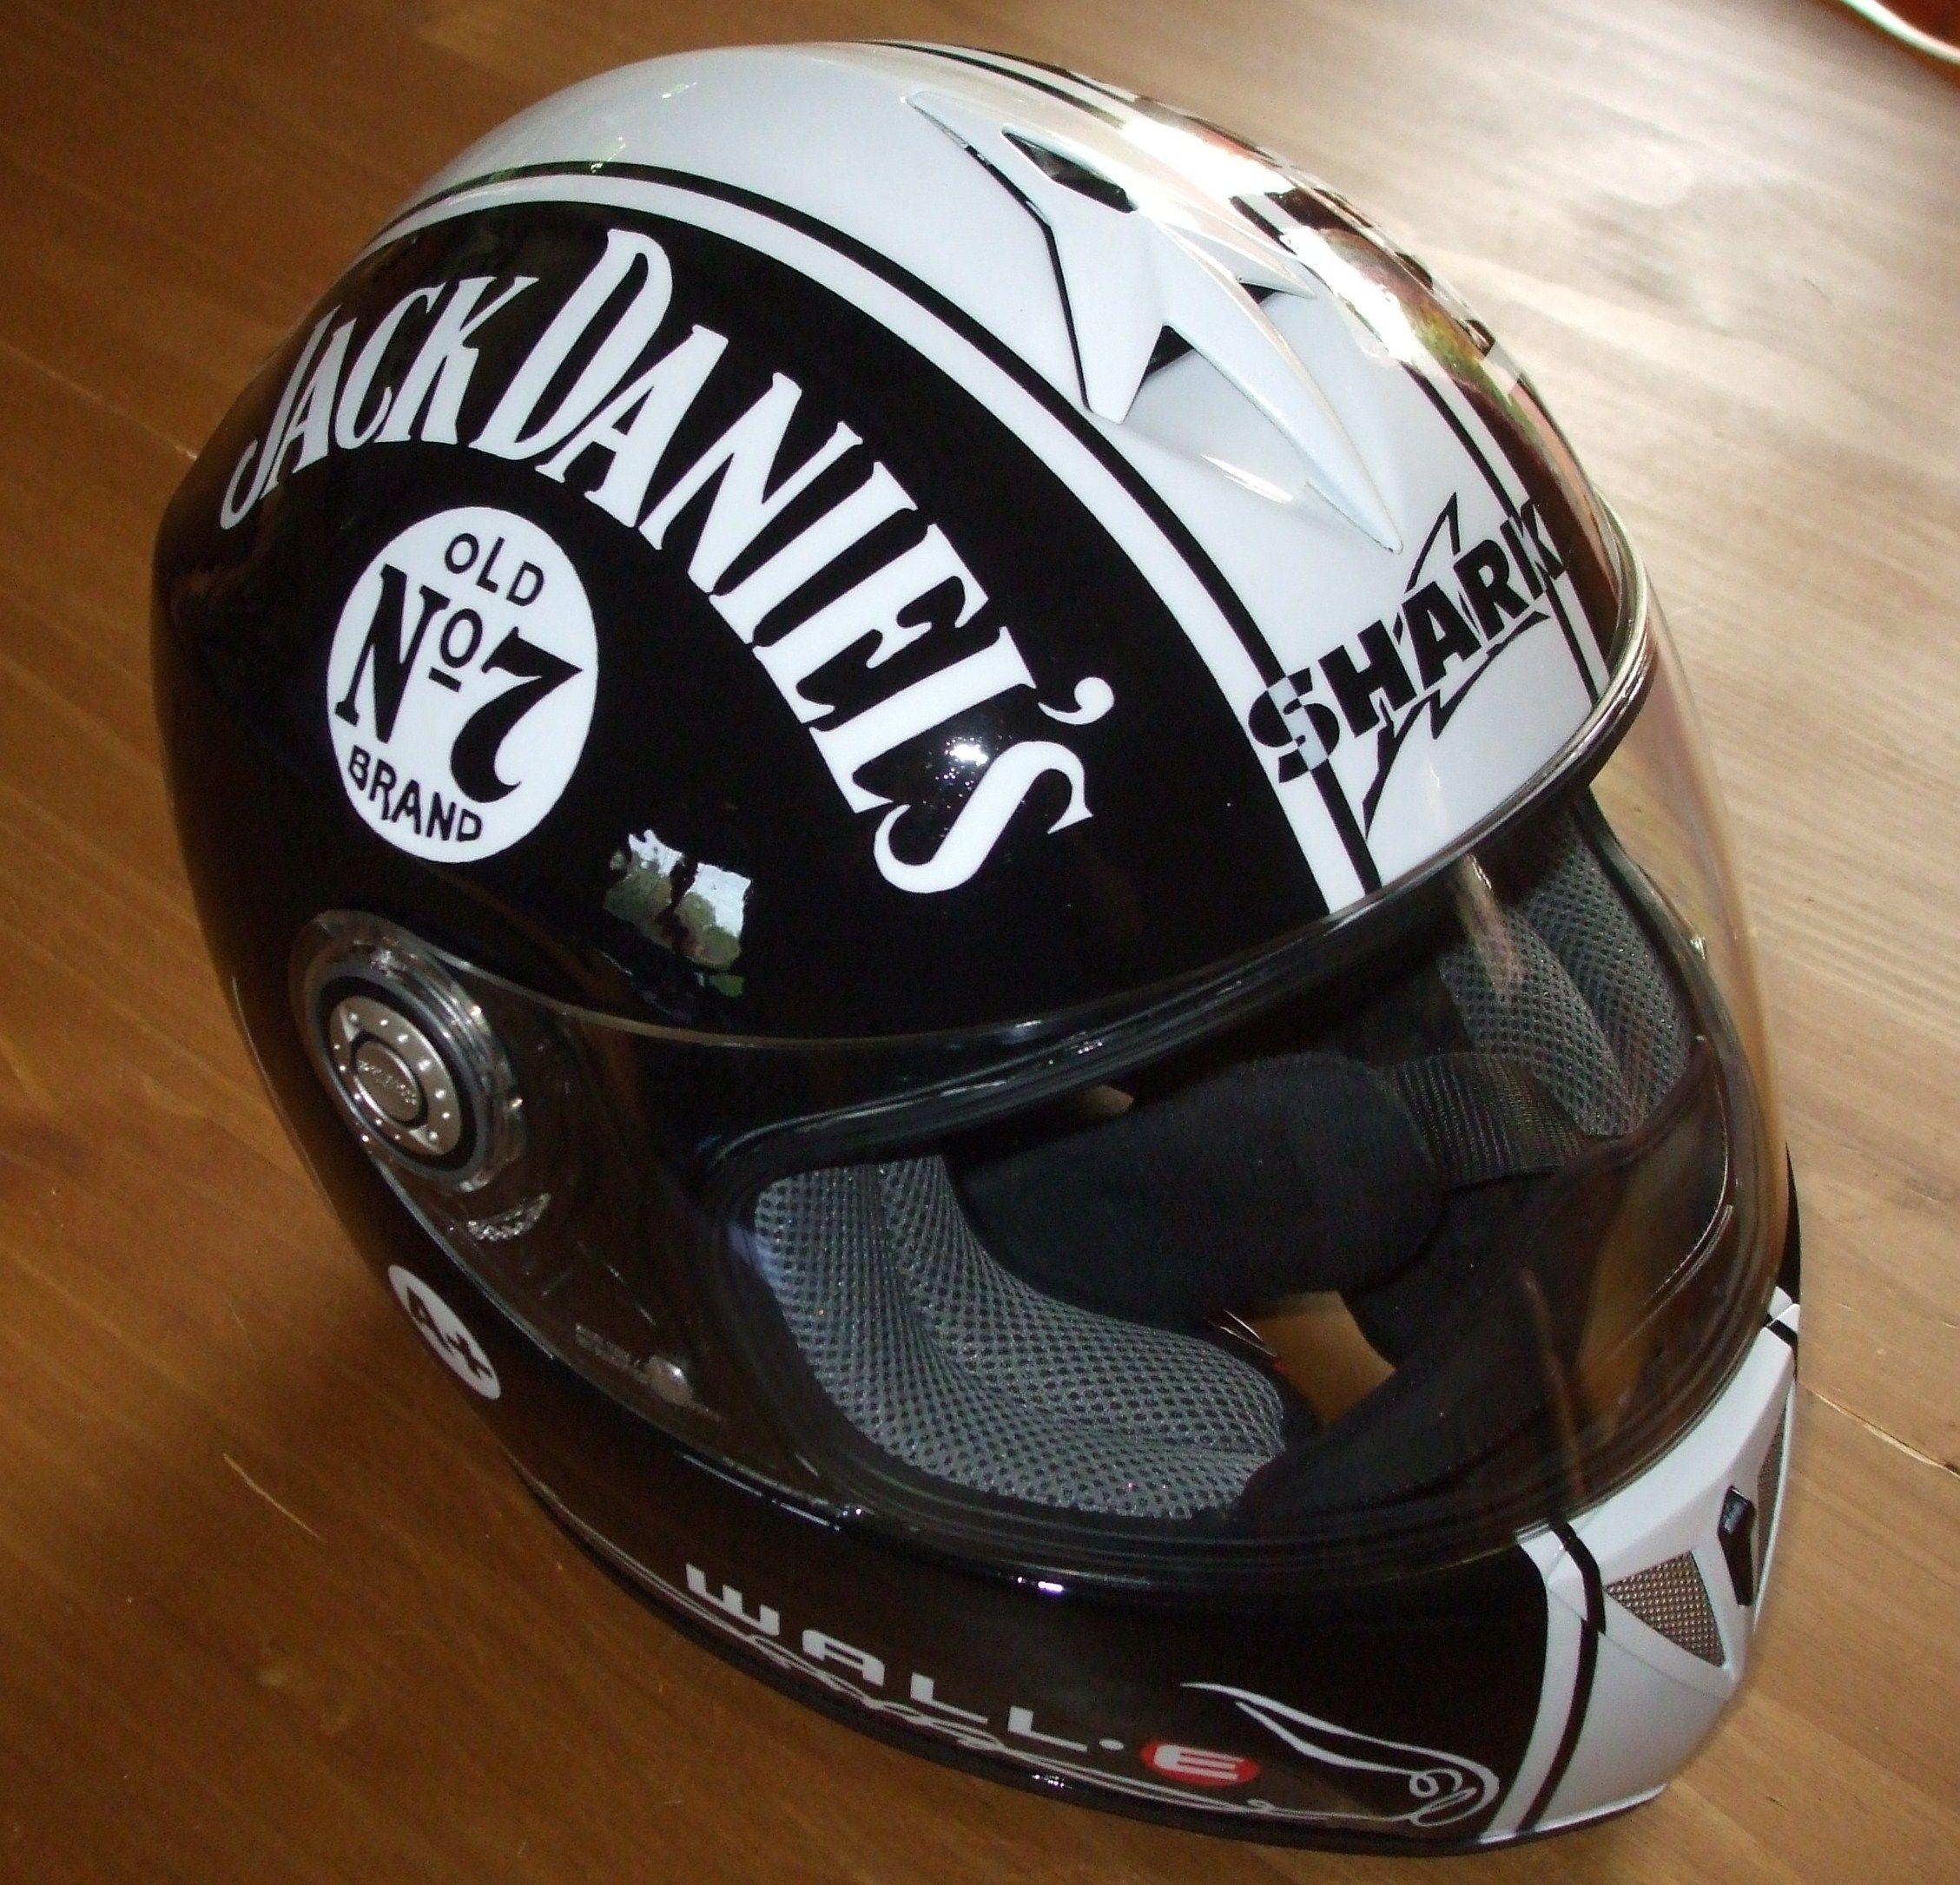 Makaero Jack Daniel S With Images Harley Helmets Cool Motorcycle Helmets Motorcycle Helmet Design